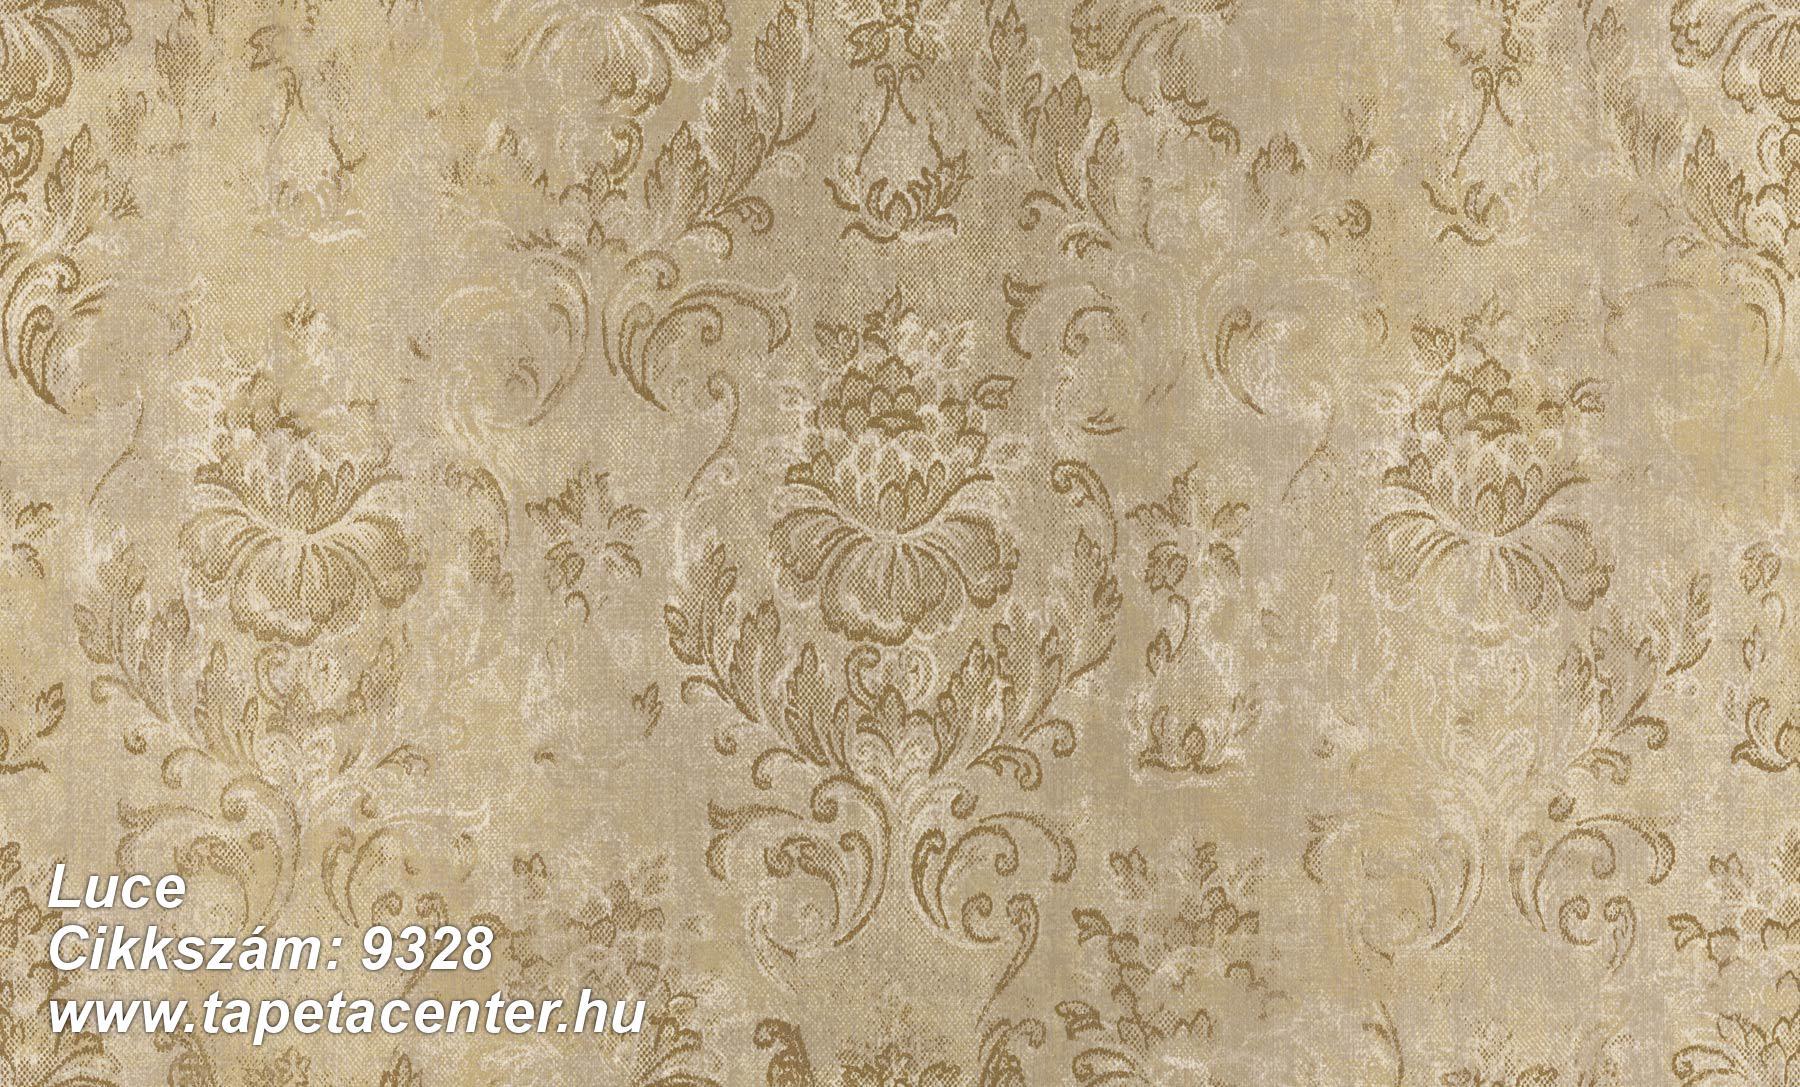 Luce - 9328 Olasz tapéta